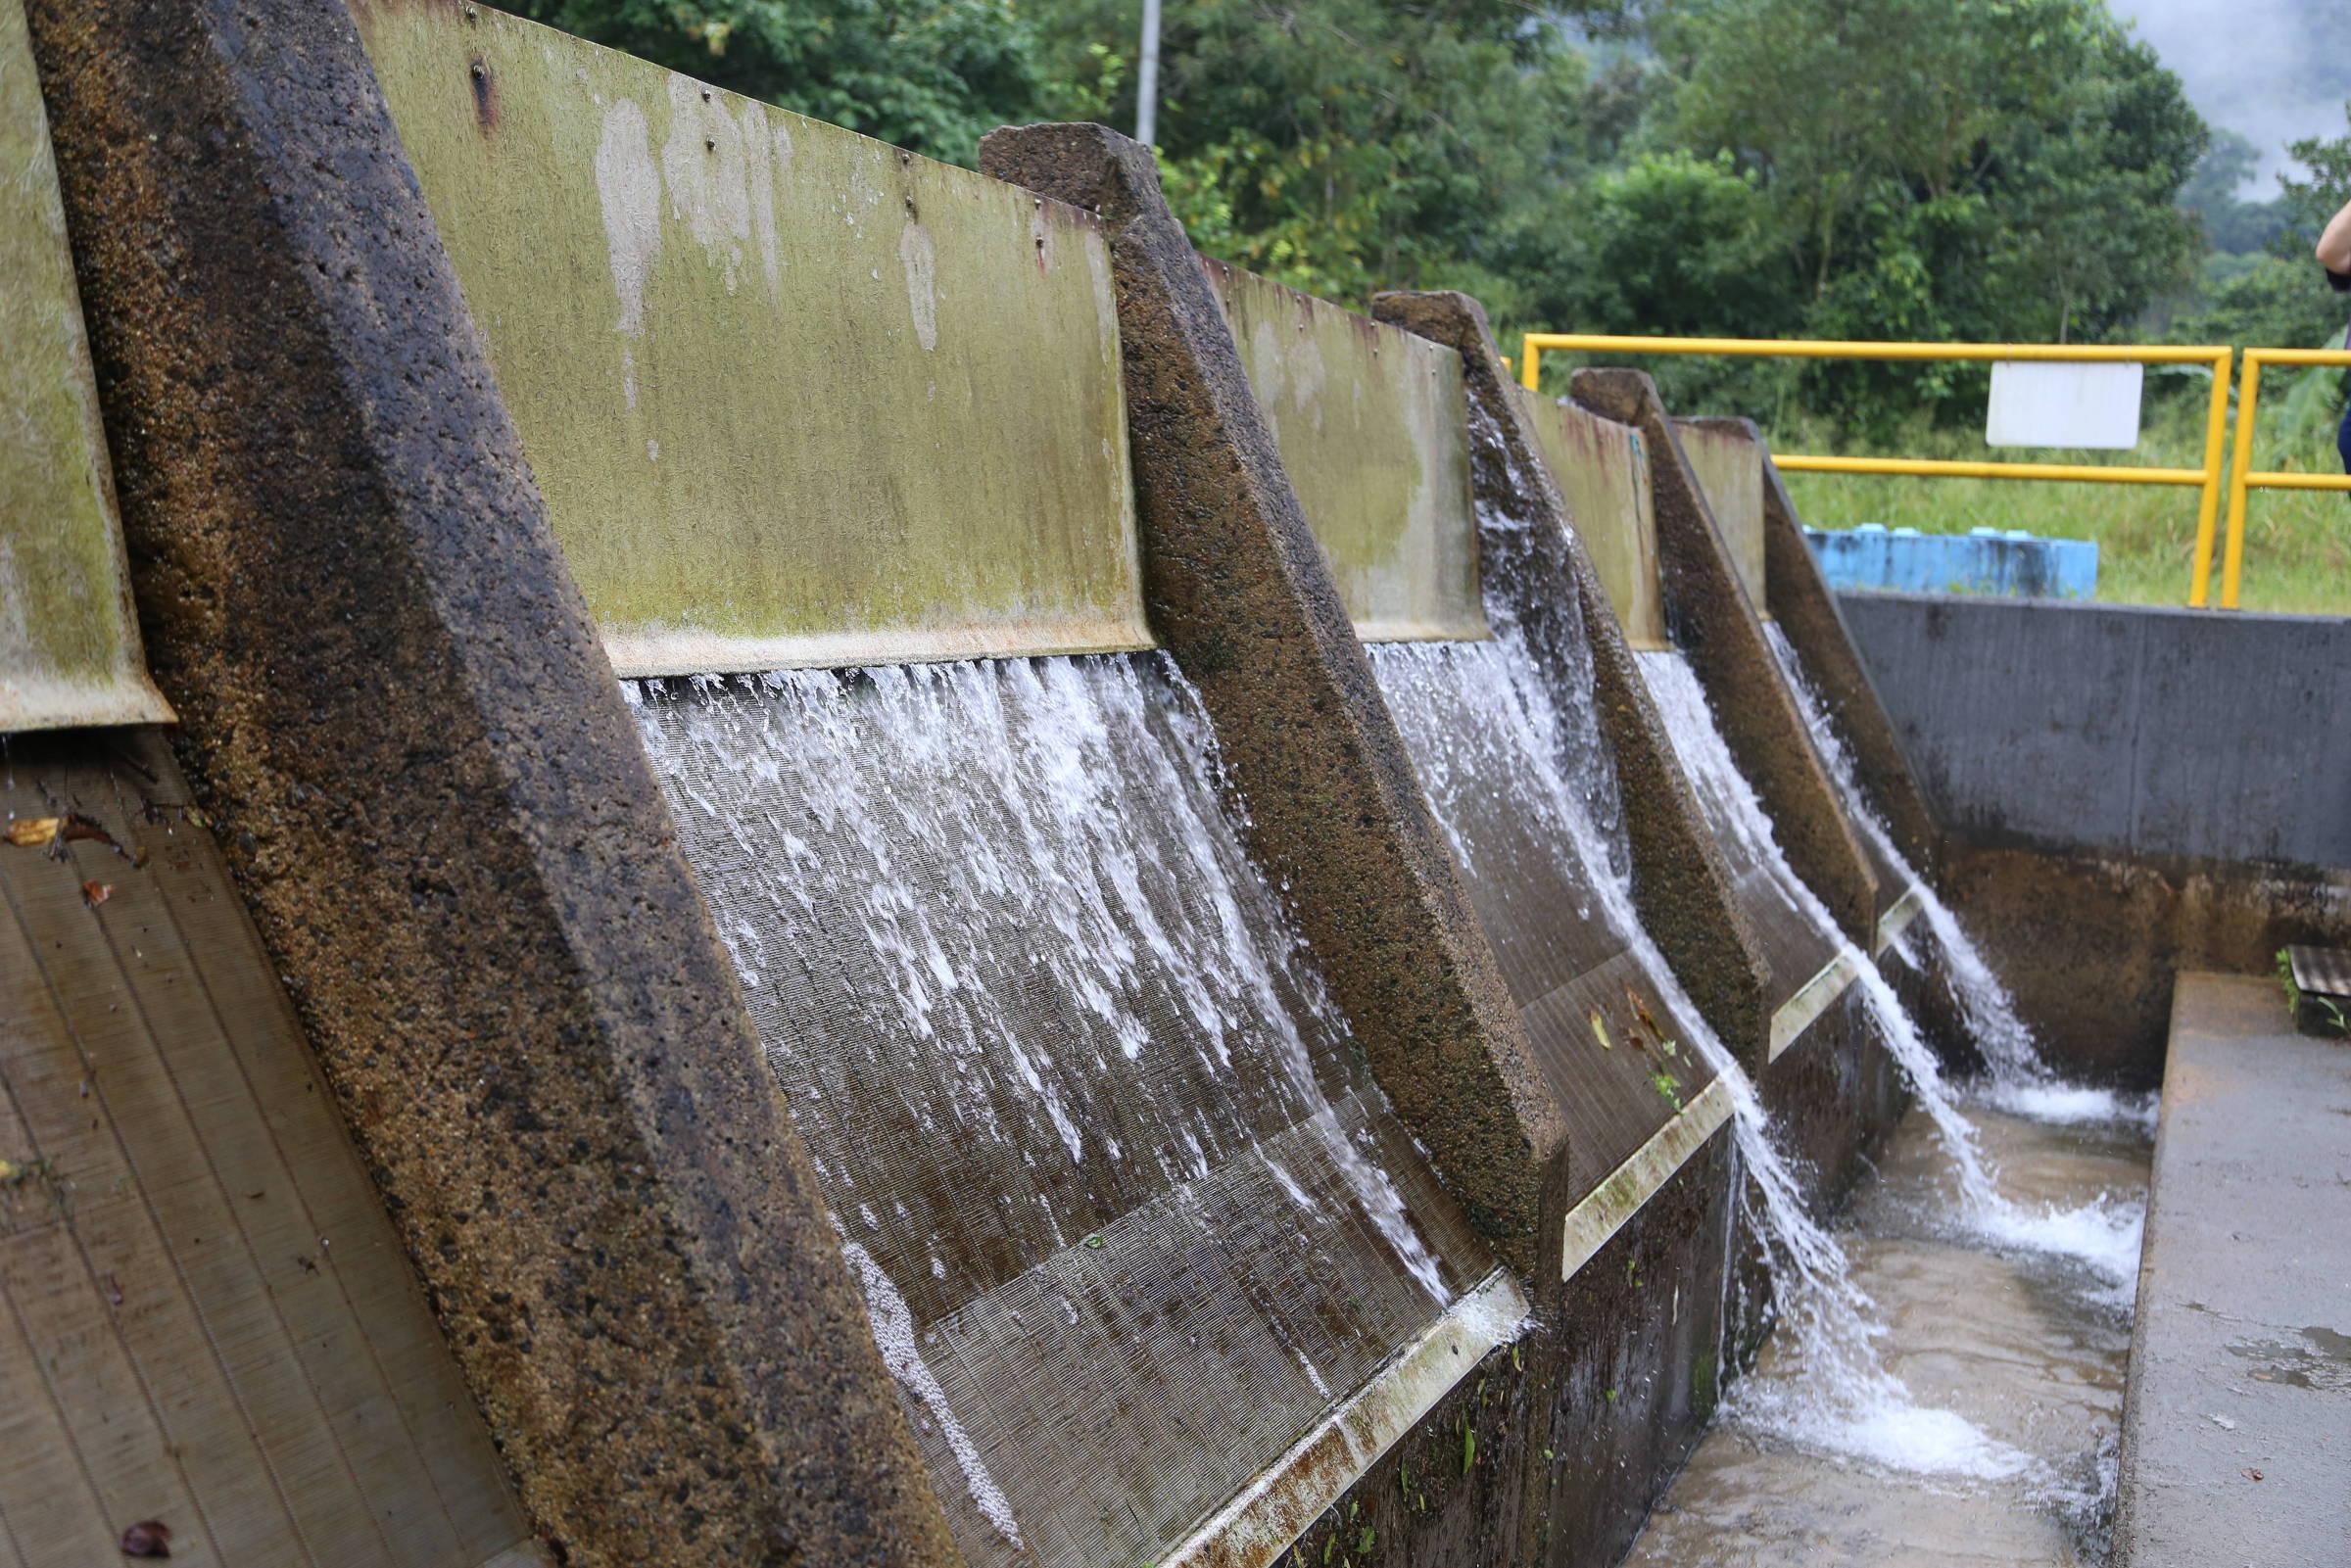 O Guarujá sofre com a escassez de água e teme um desastre hídrico em meio à pandemia - 31.07.2020. - Vida cotidiana